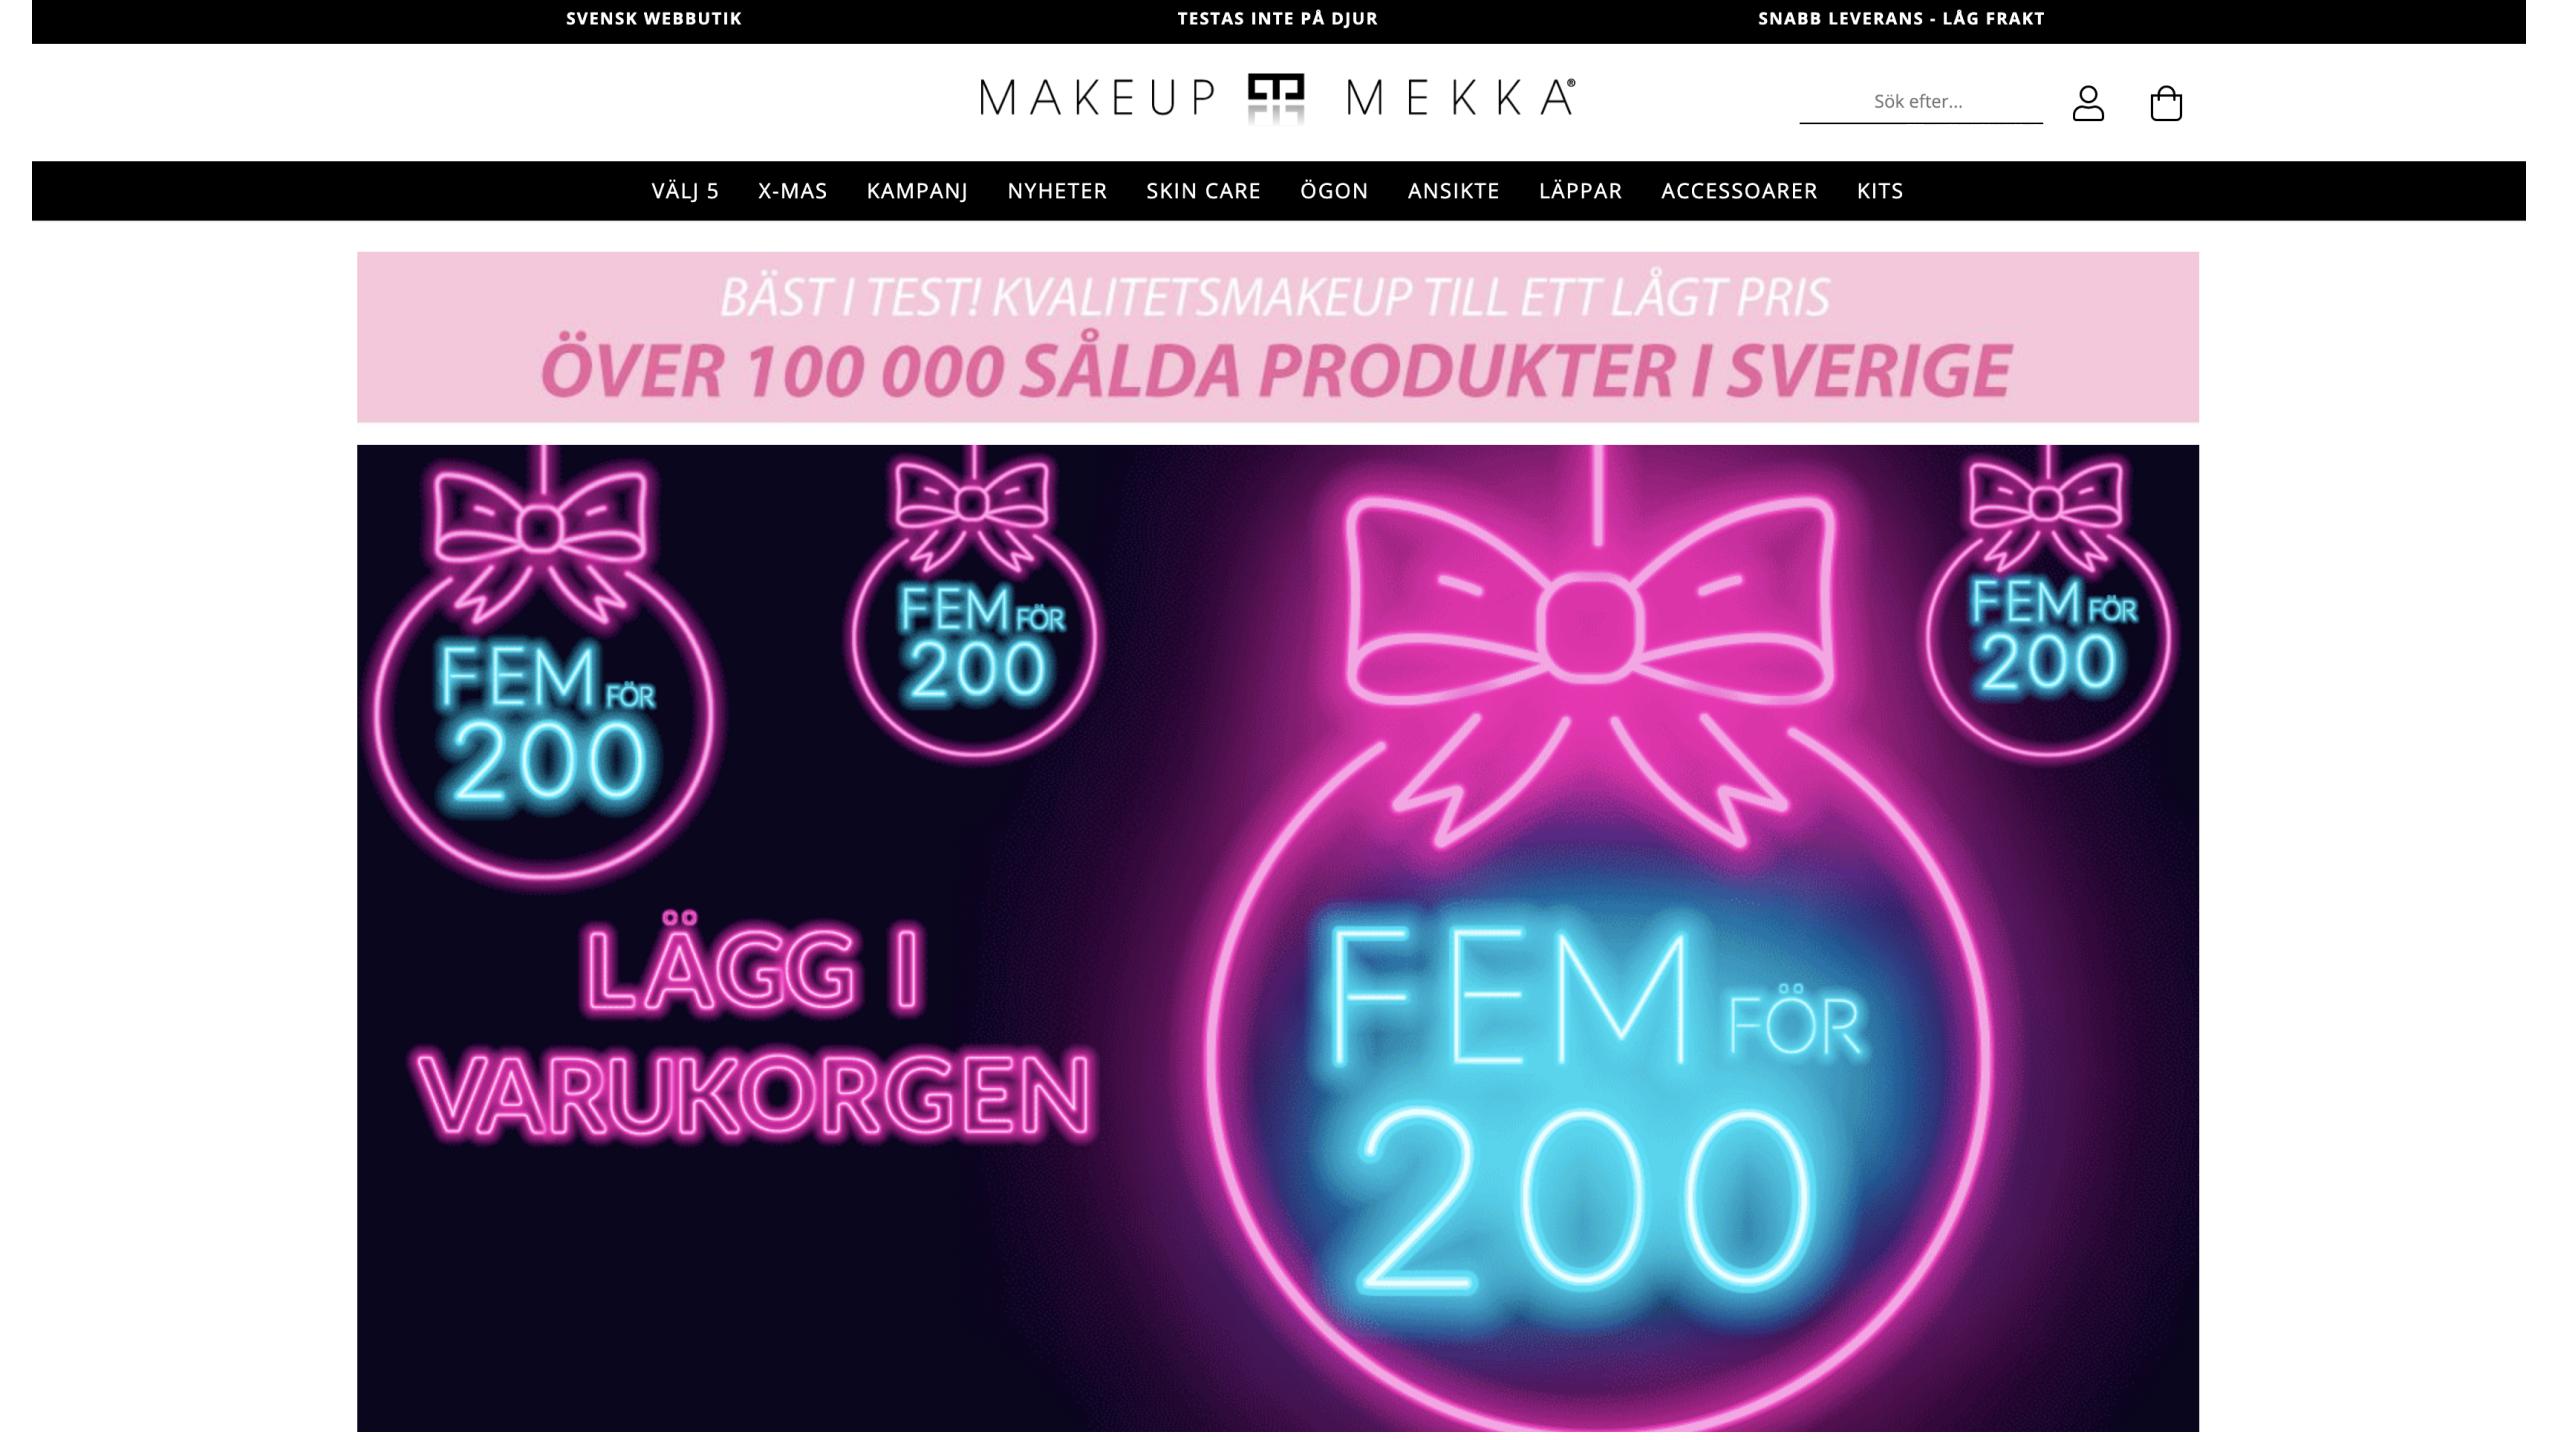 Makeup mekka sverige lansering